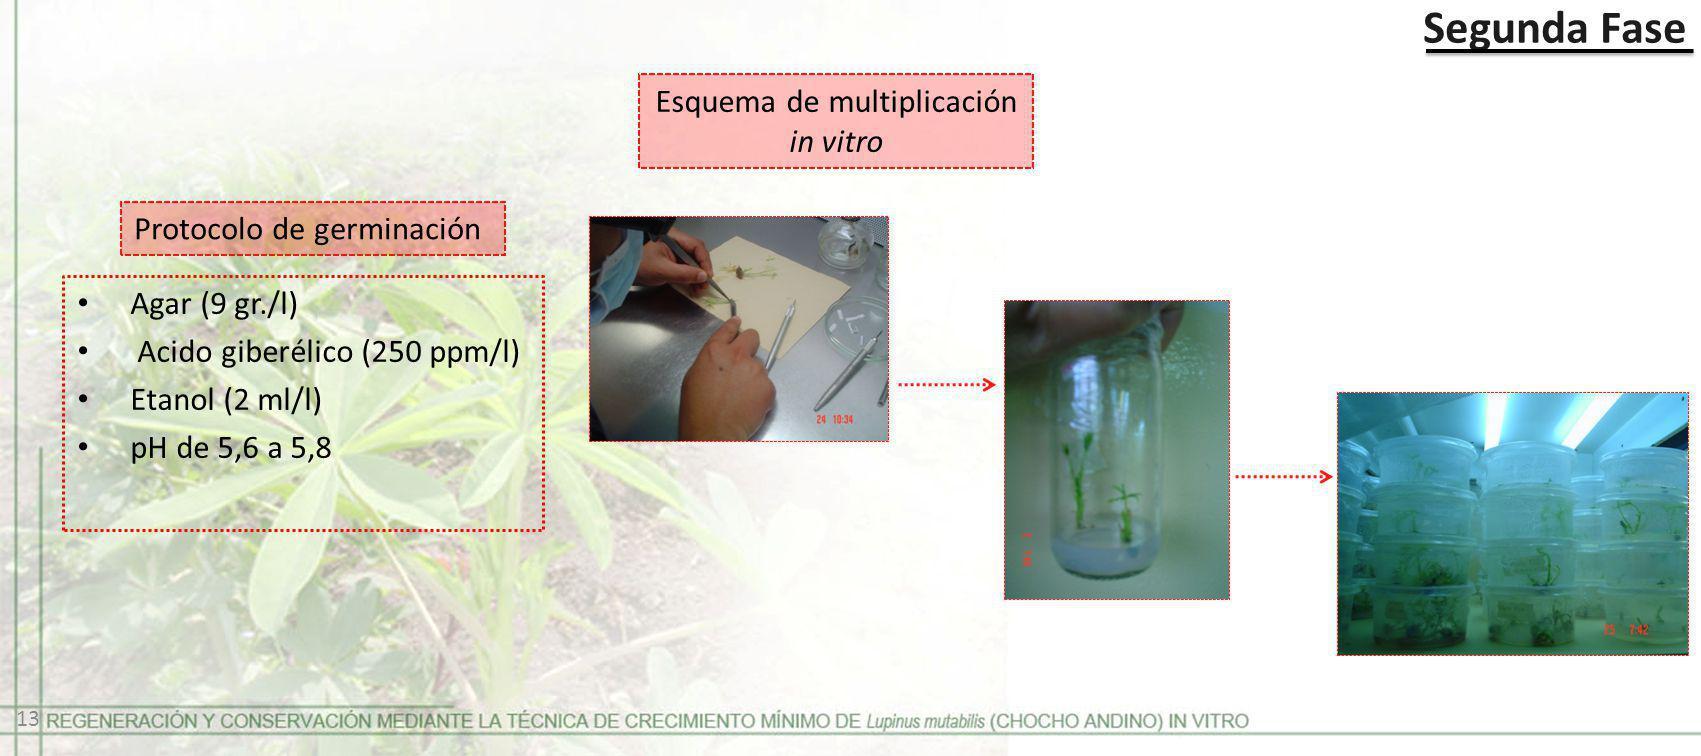 Segunda Fase Protocolo de germinación Agar (9 gr./l) Acido giberélico (250 ppm/l) Etanol (2 ml/l) pH de 5,6 a 5,8 Esquema de multiplicación in vitro 1